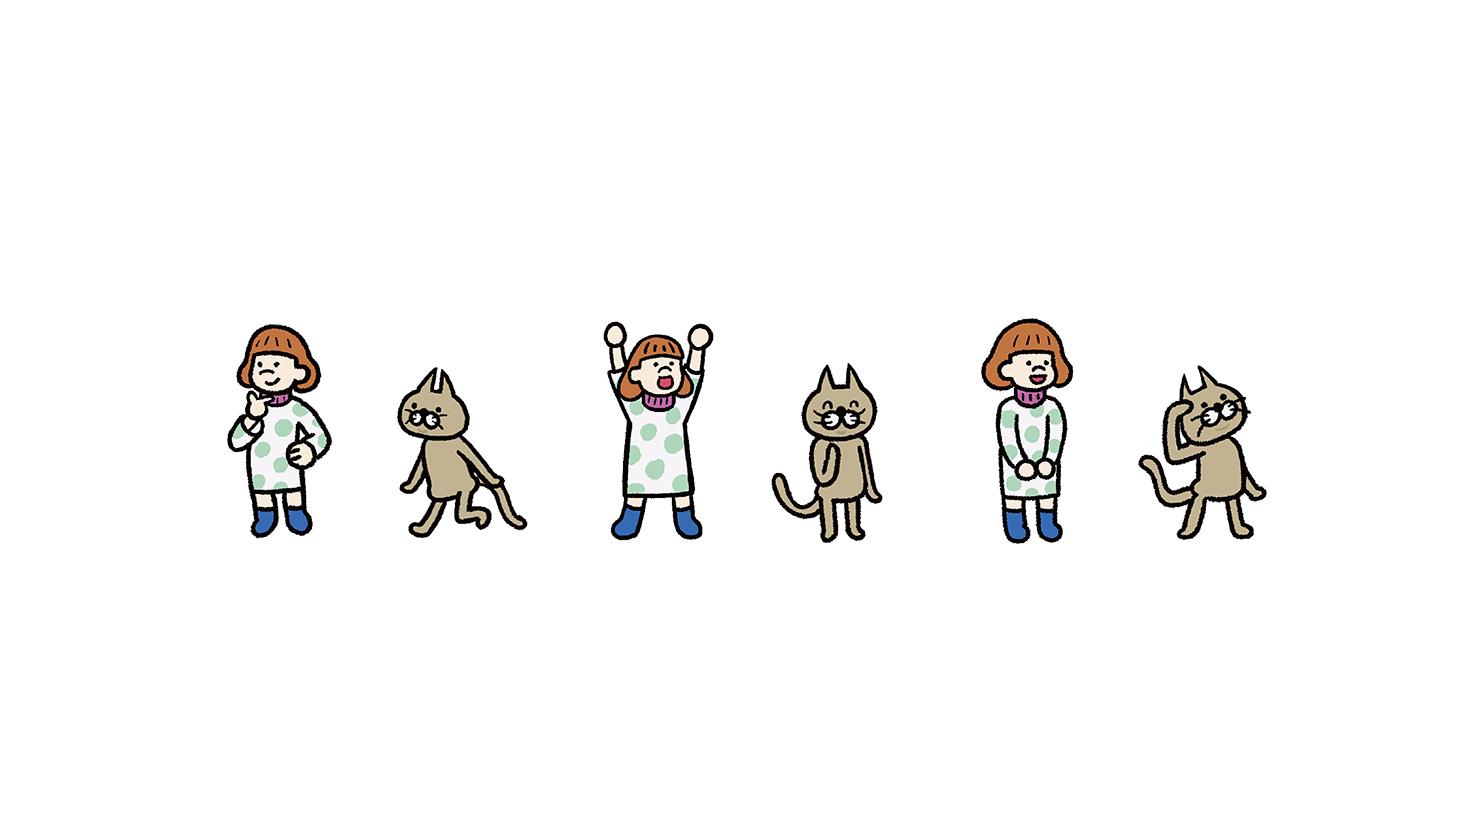 朝日住宅イメージキャラクター